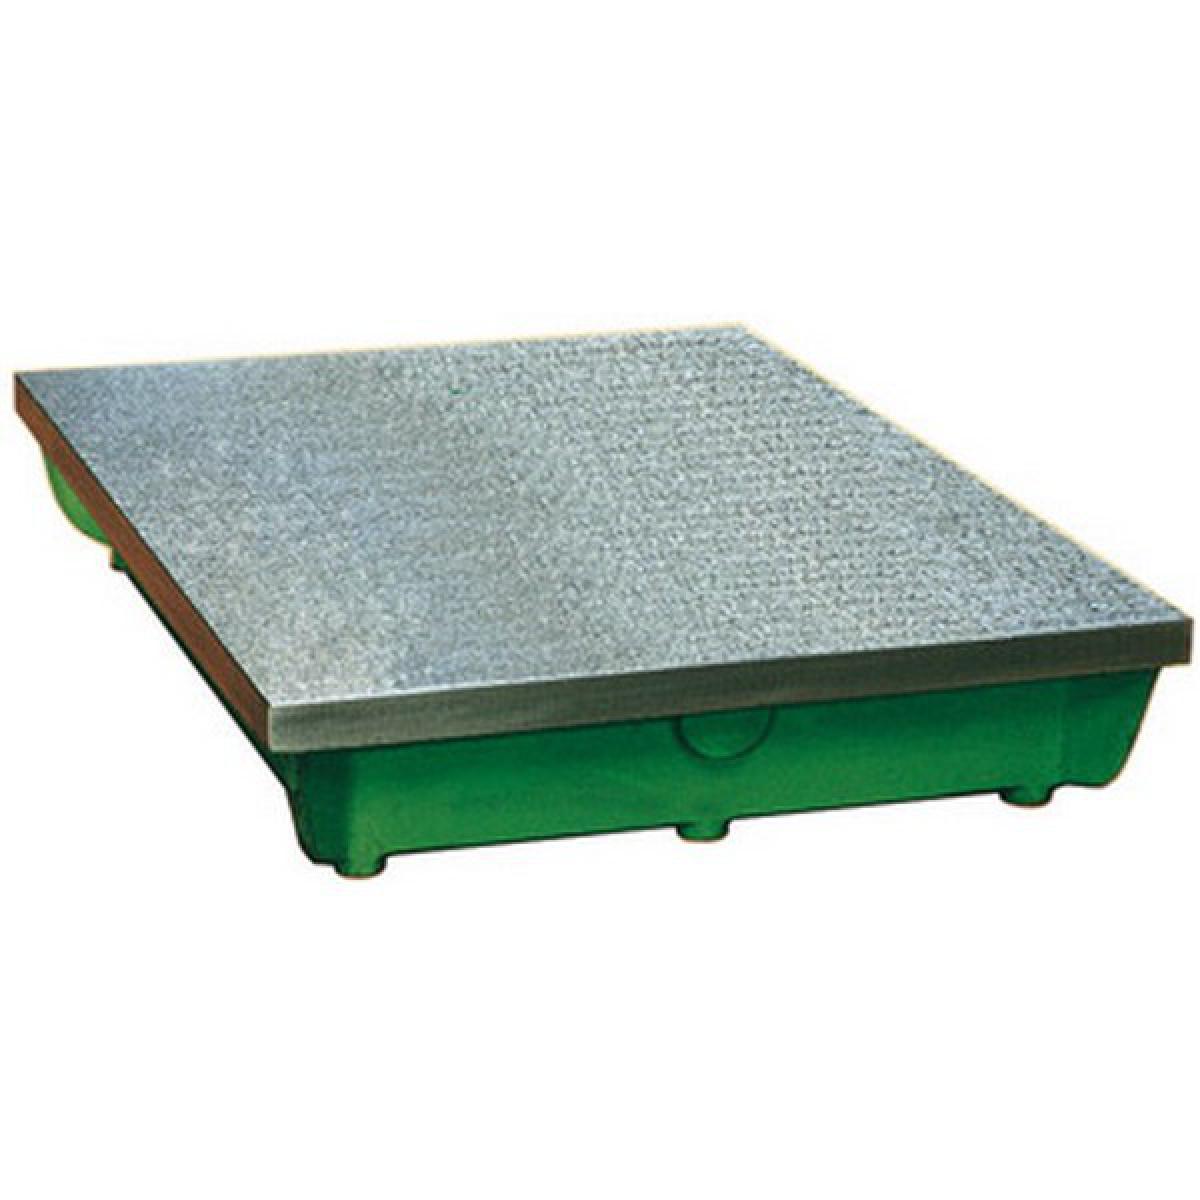 Protec Plaque à tracer et à dresser, qualité 3, Taille : 300 x 200 mm, Précision µm qualité 3 52, Poids env. 11 kg